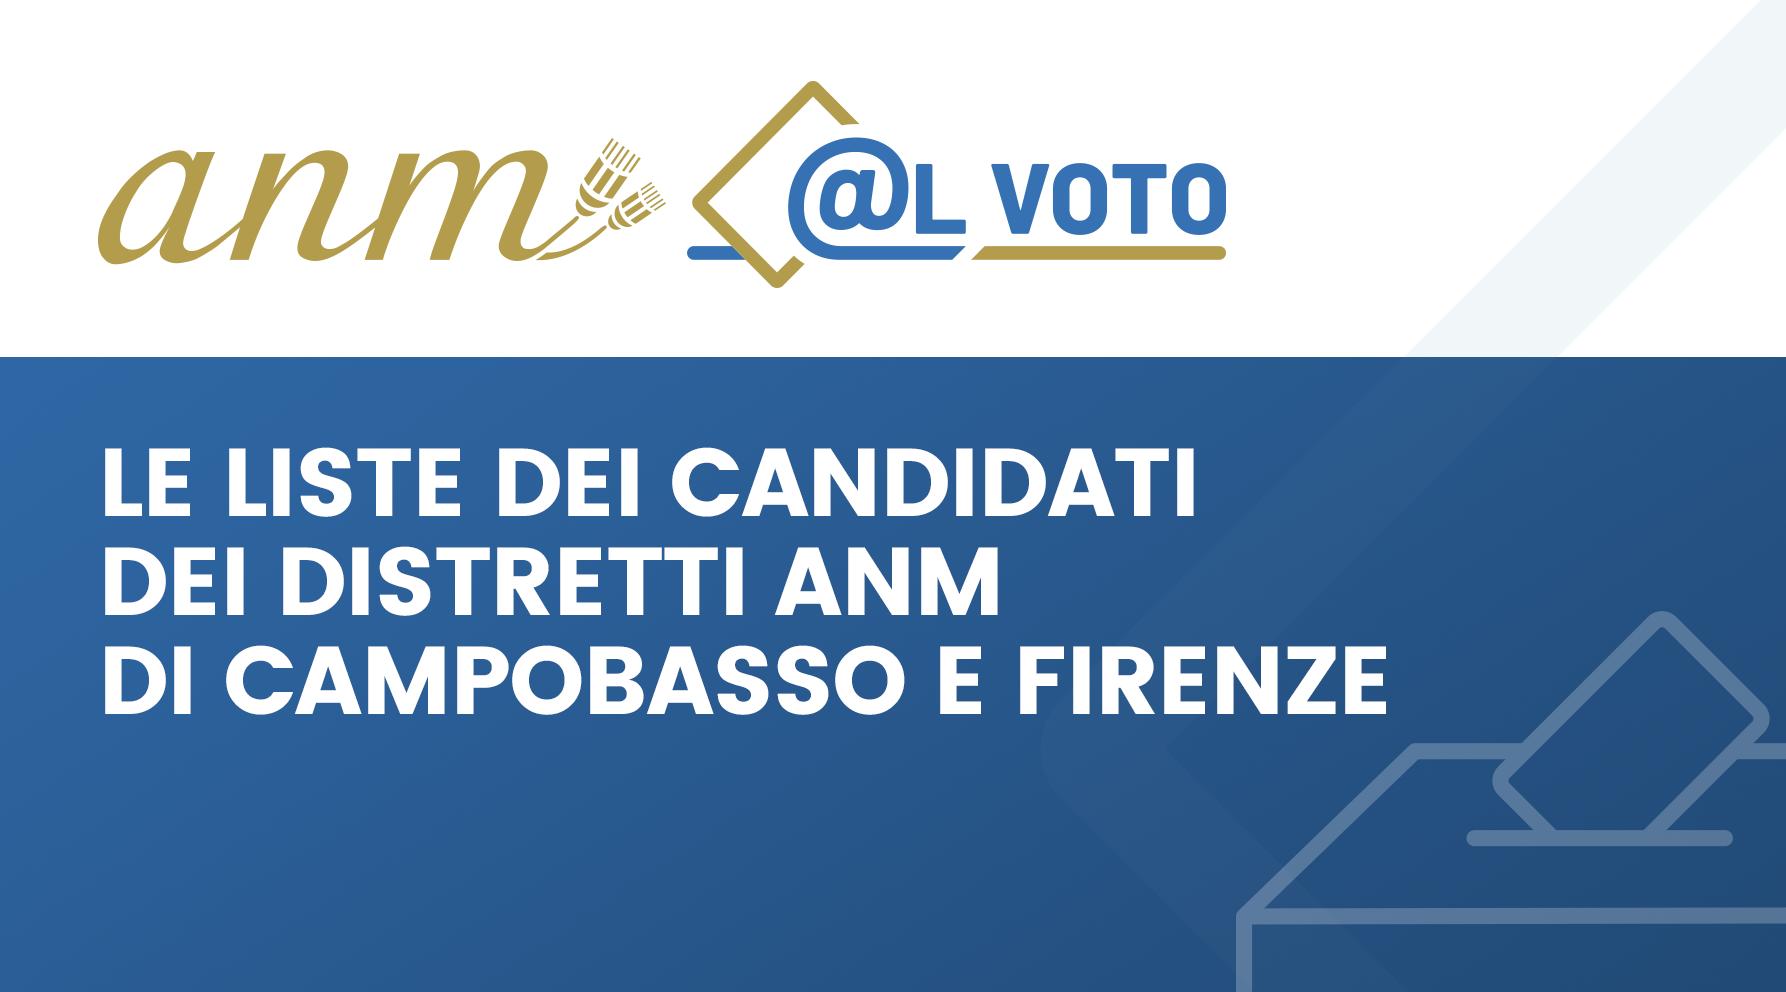 Votazioni-Distrettuali---ANM-al-Voto---LISTE-CAMPOBASSO-E-FIRENZE-ottobre---630x350.png